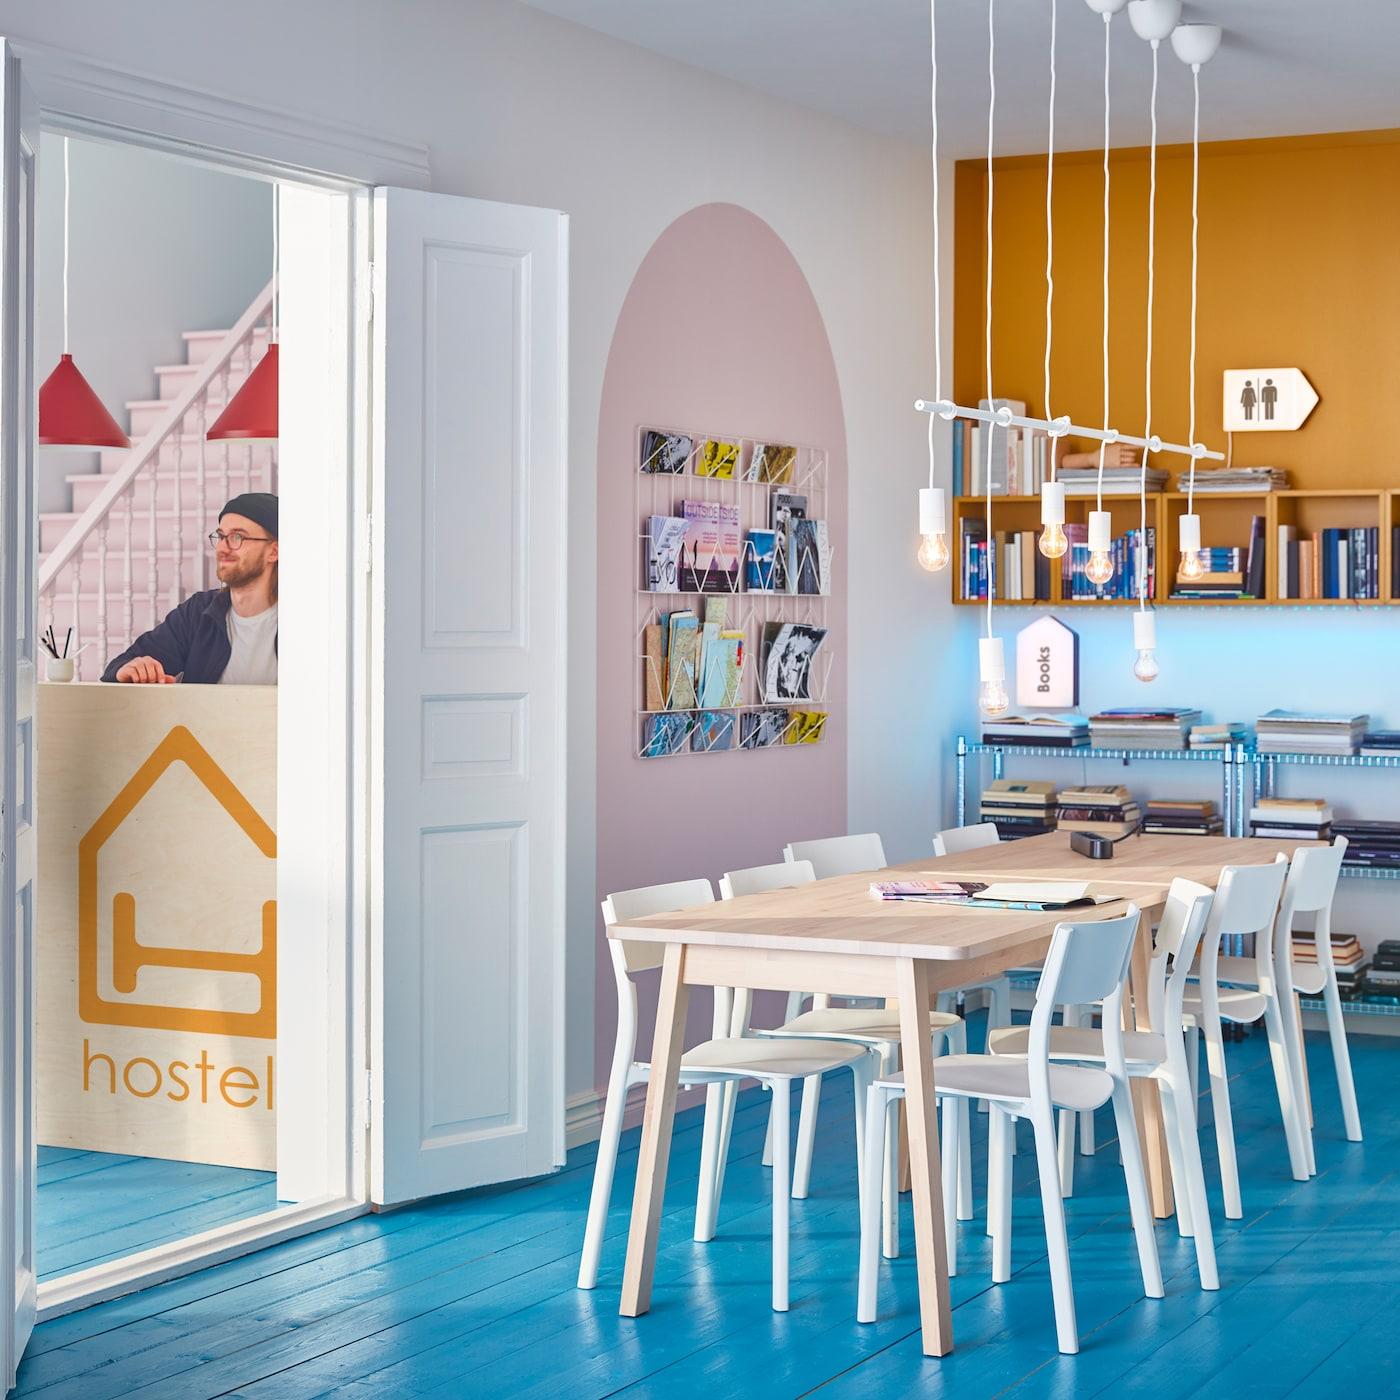 Комната с большим деревянным столом и белыми стульями посередине, вокруг настенная мебель для хранения с журналами и книгами.